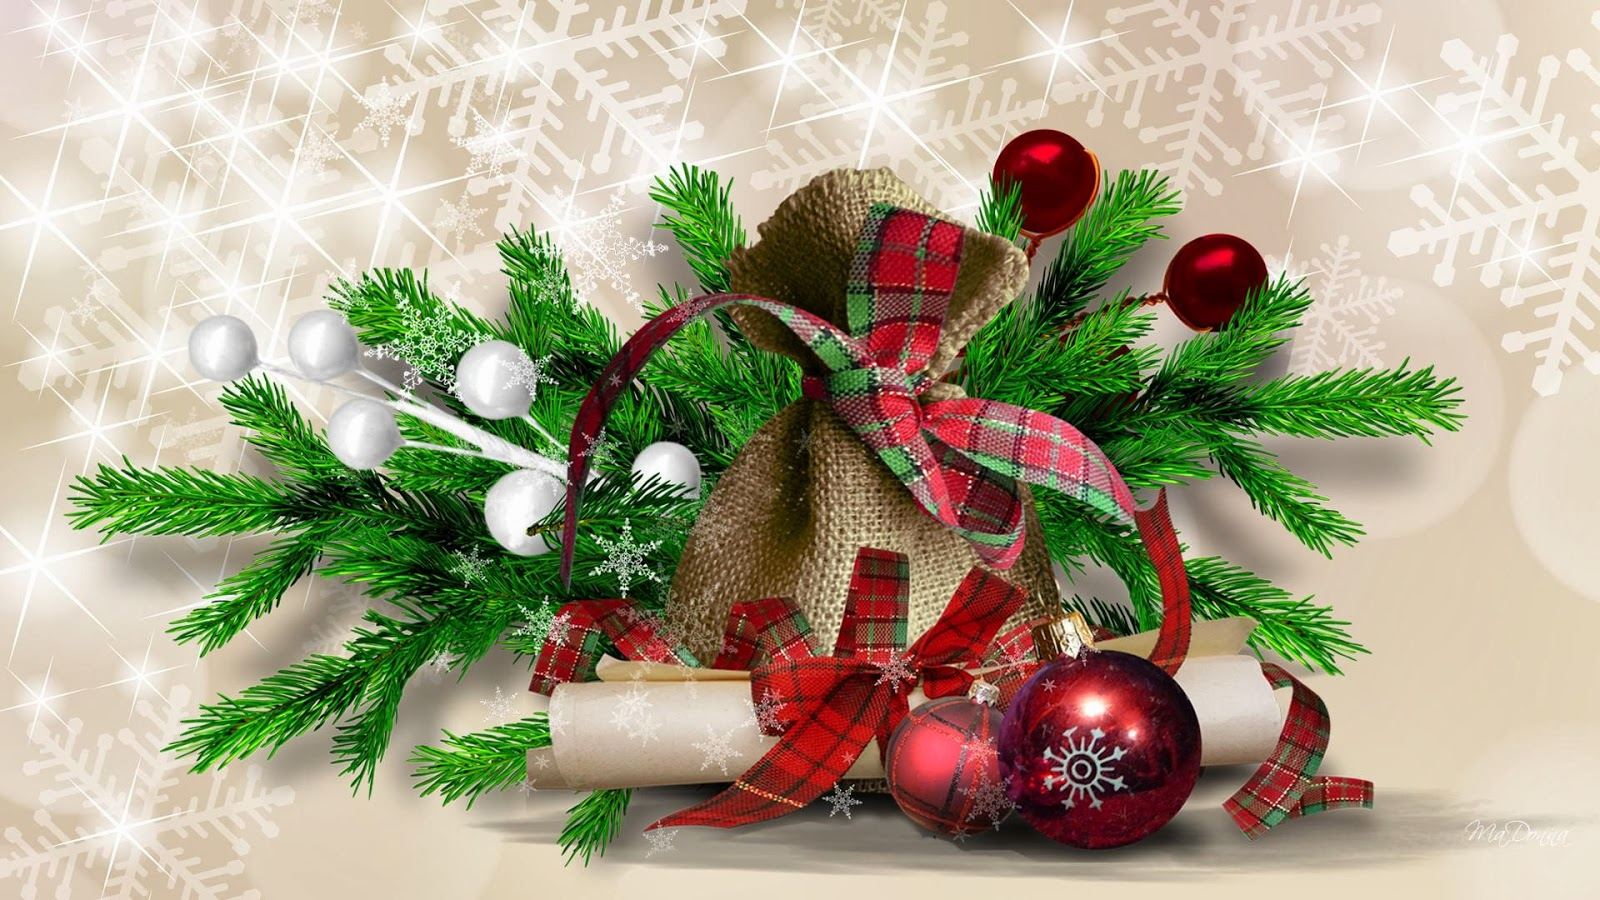 Todo sobre manualidades y artesan as adornos navide os - Ideas adornos navidenos ...